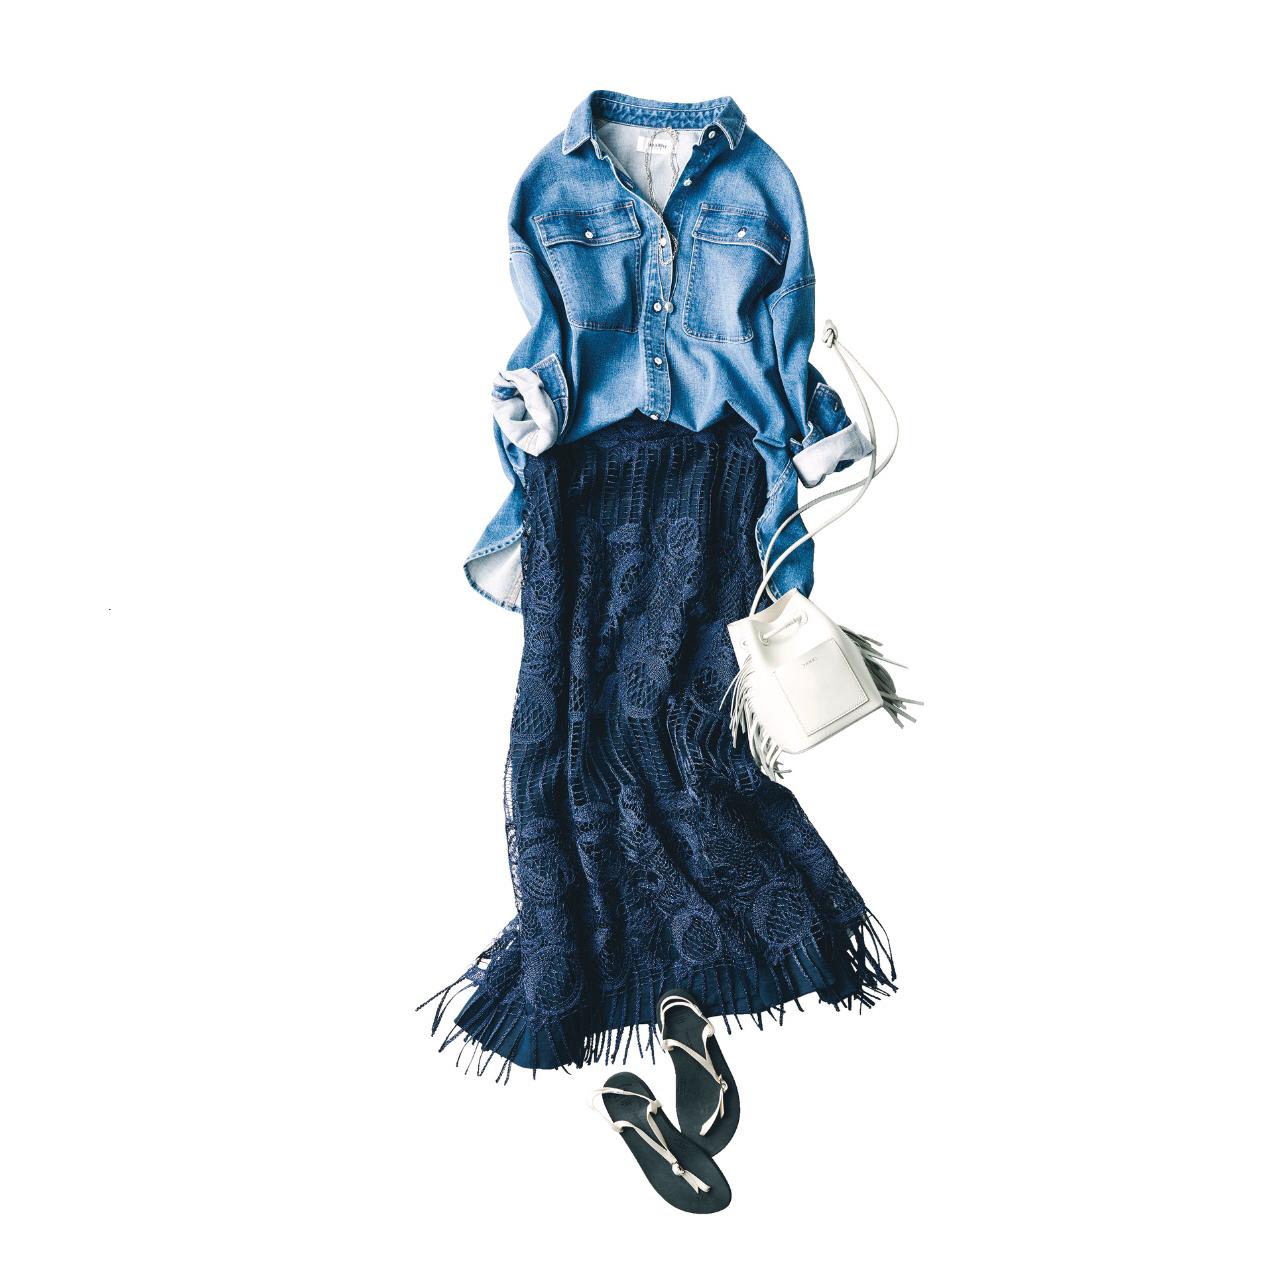 【大人のためのビーサン】アラフォーのカジュアルコーデに似合うビーサンのあわせ方&選び方|40代ファッション_1_6